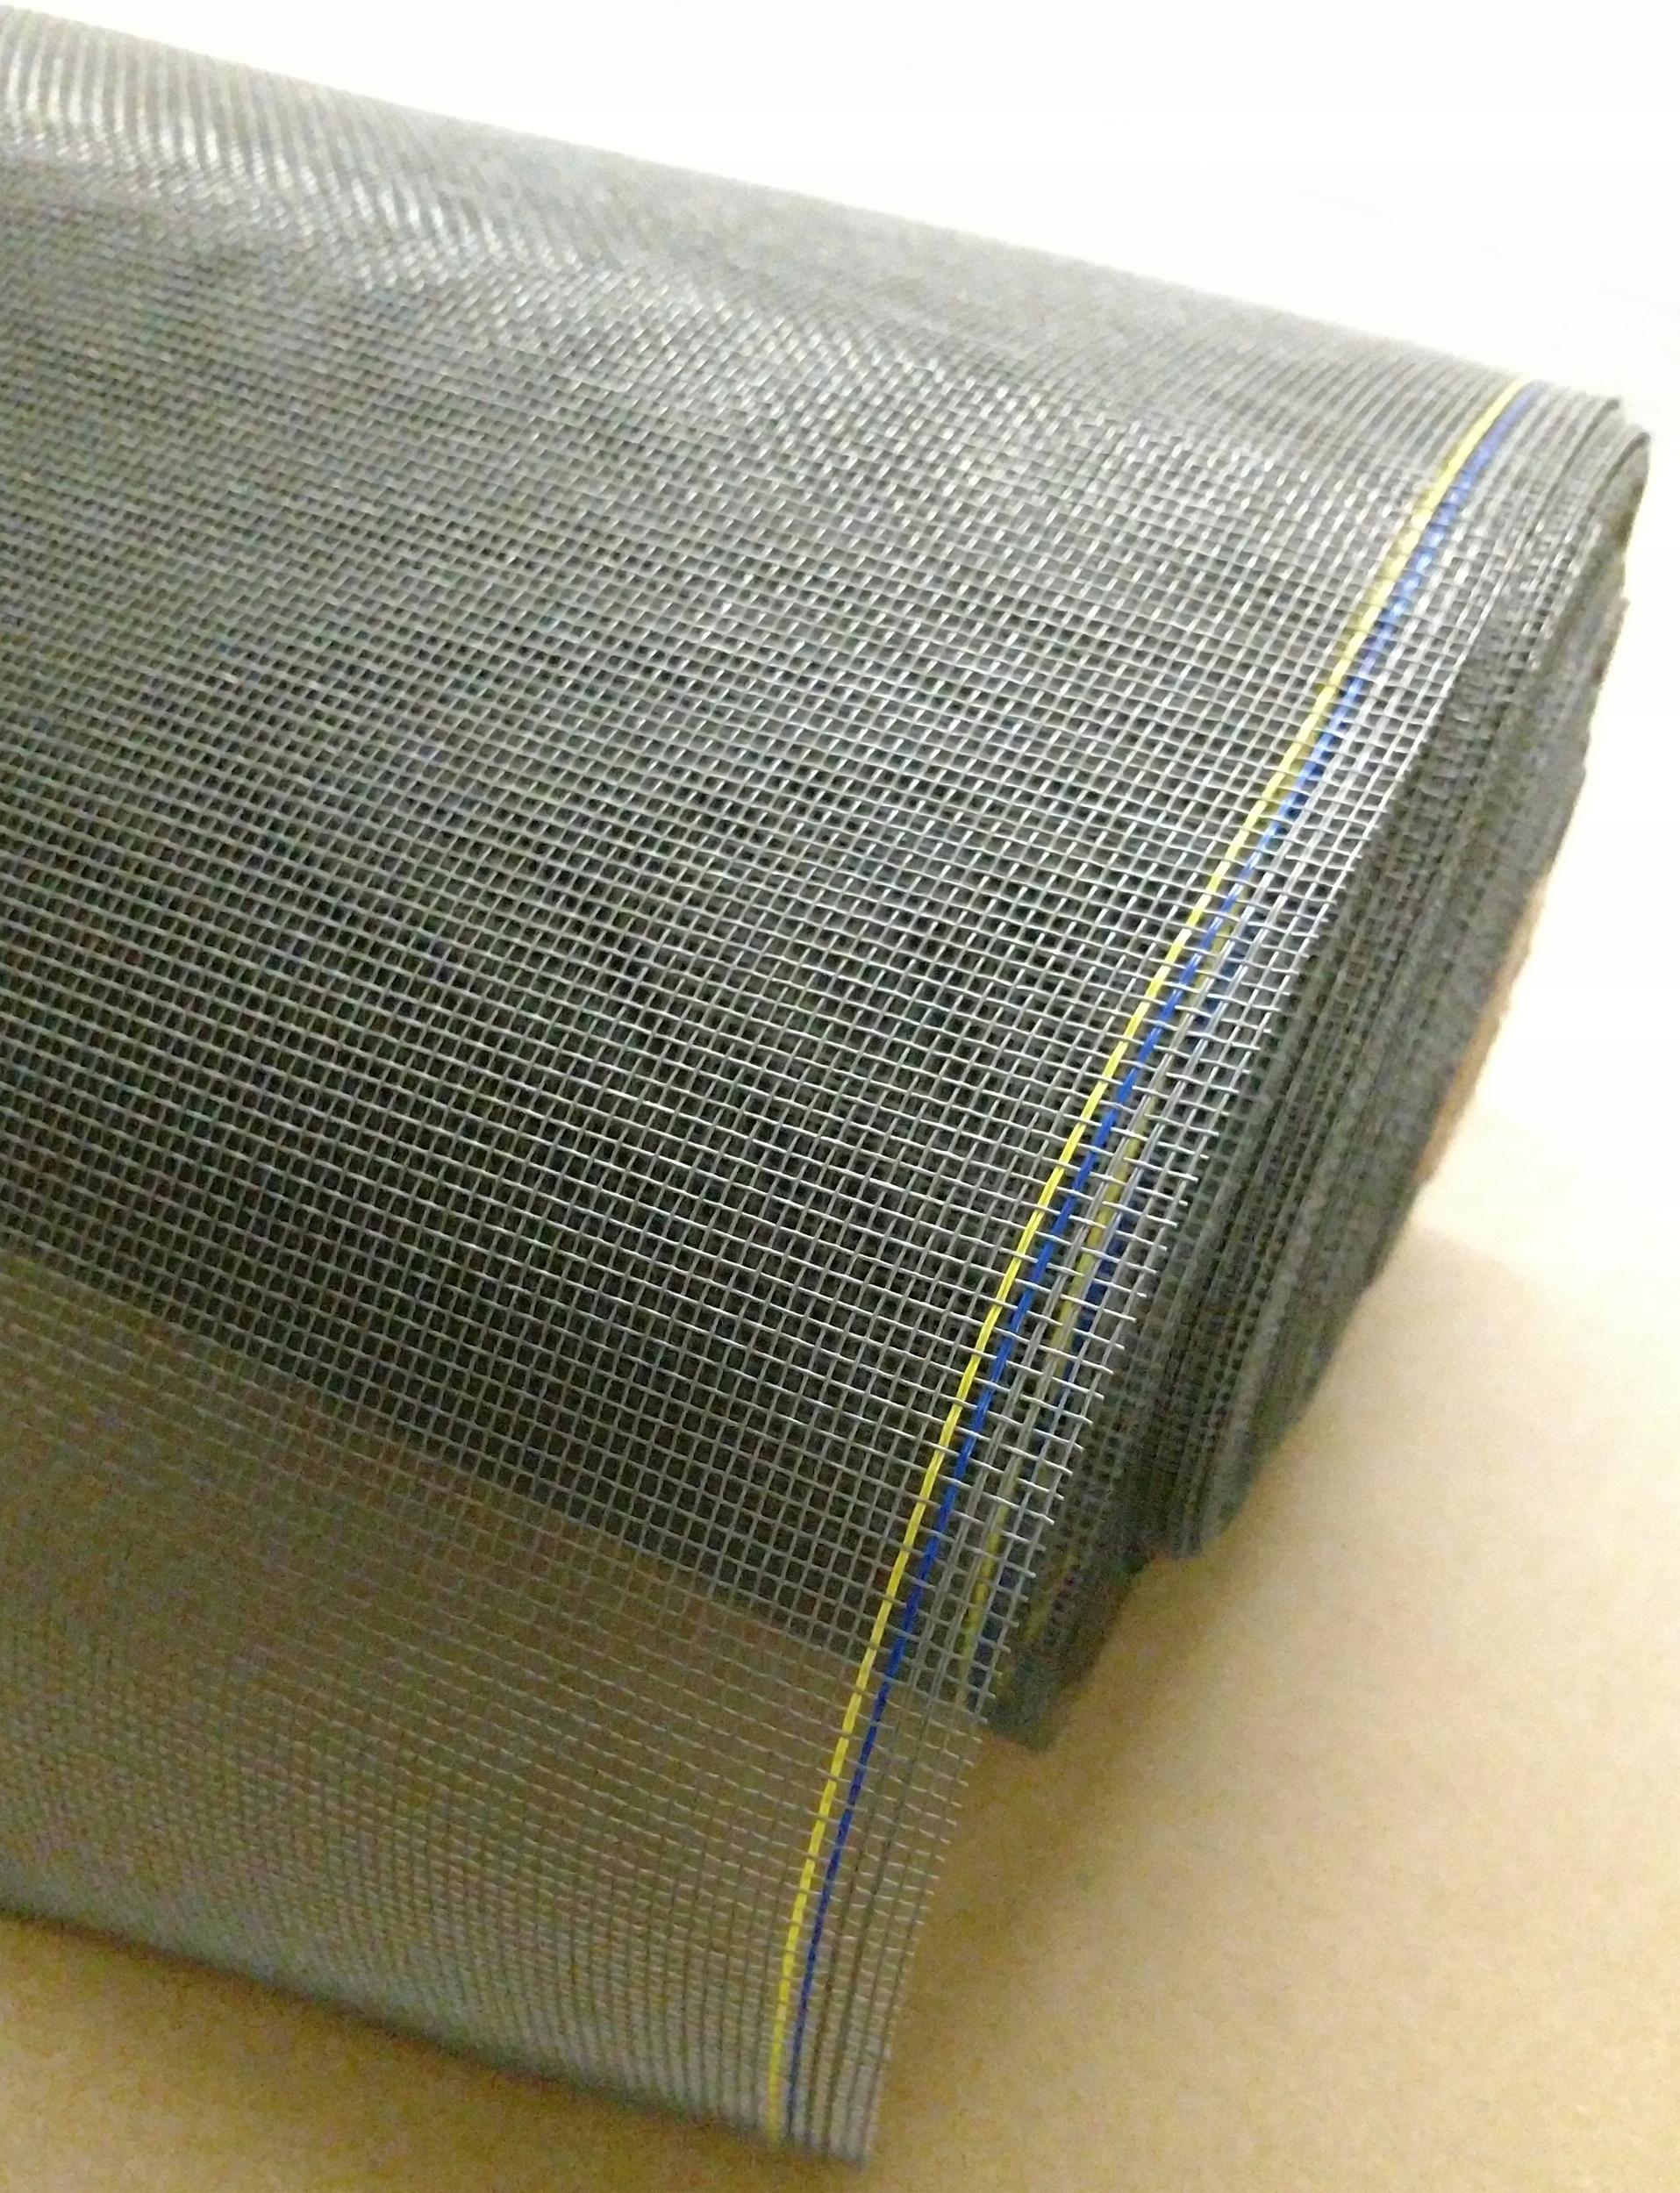 СЕТКА на метры 140см x 1mb москитная сетка рамка